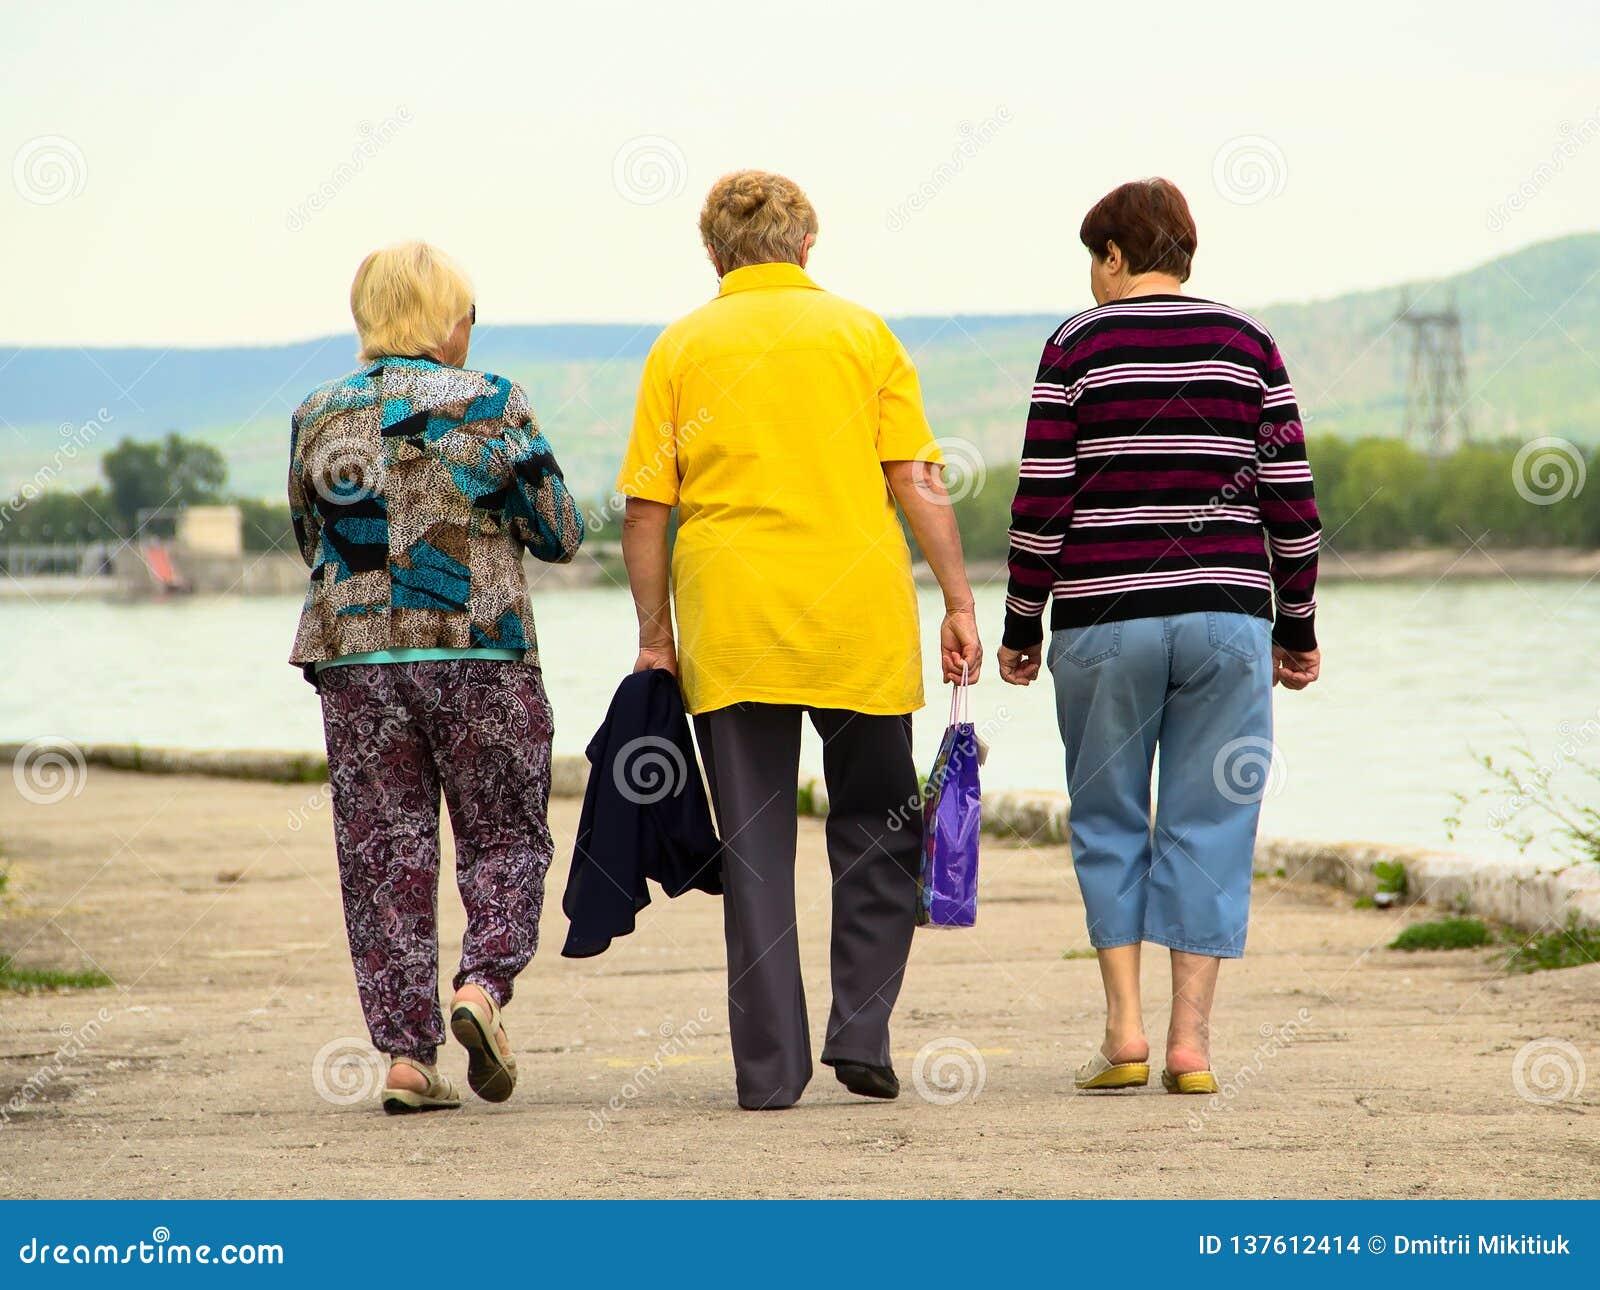 Dames âgées marchent le long du remblai